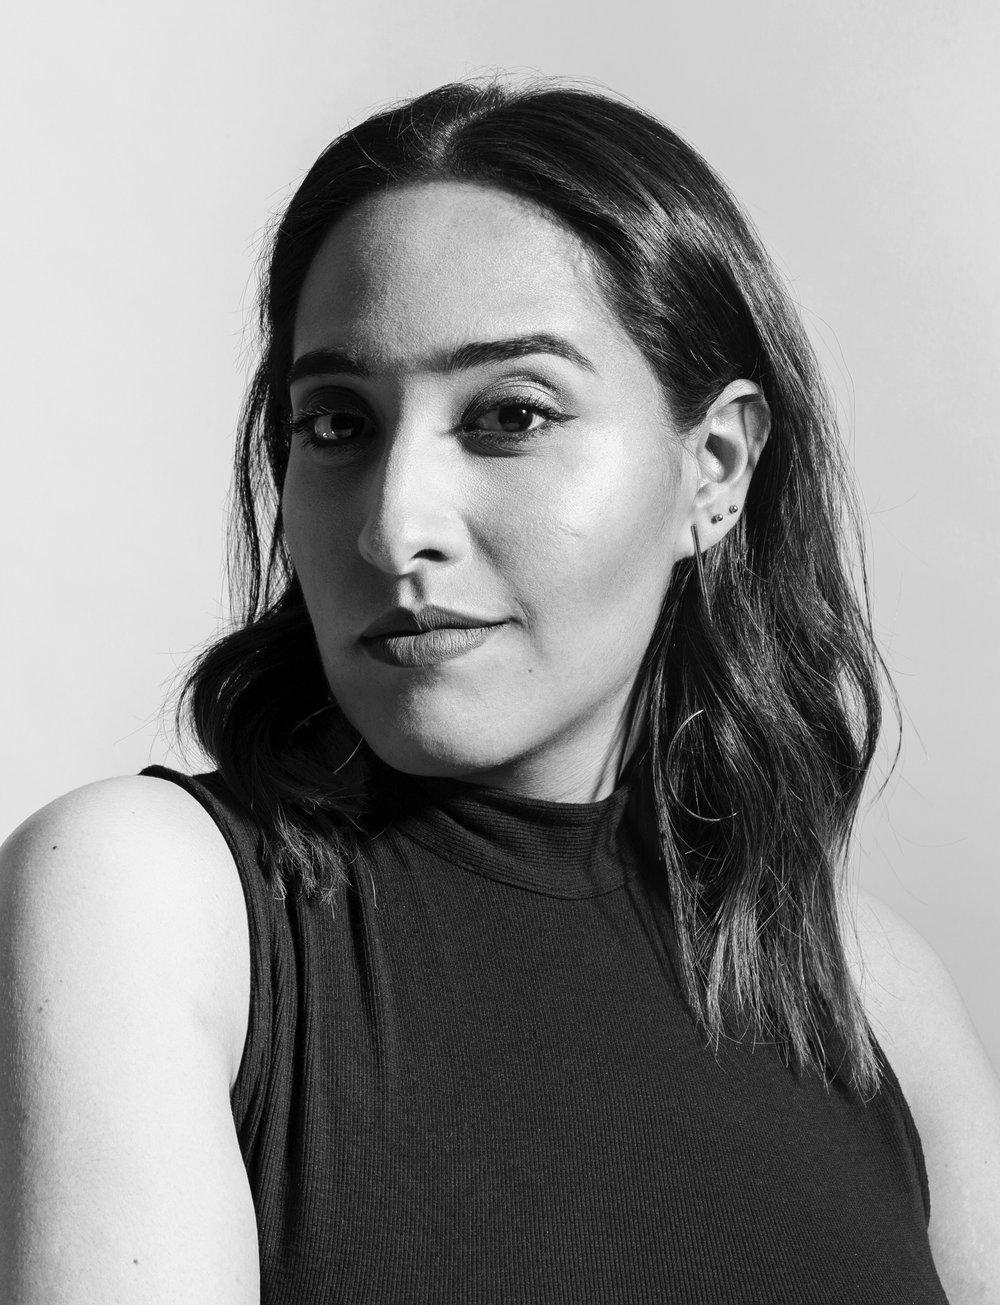 Estefania Marquez